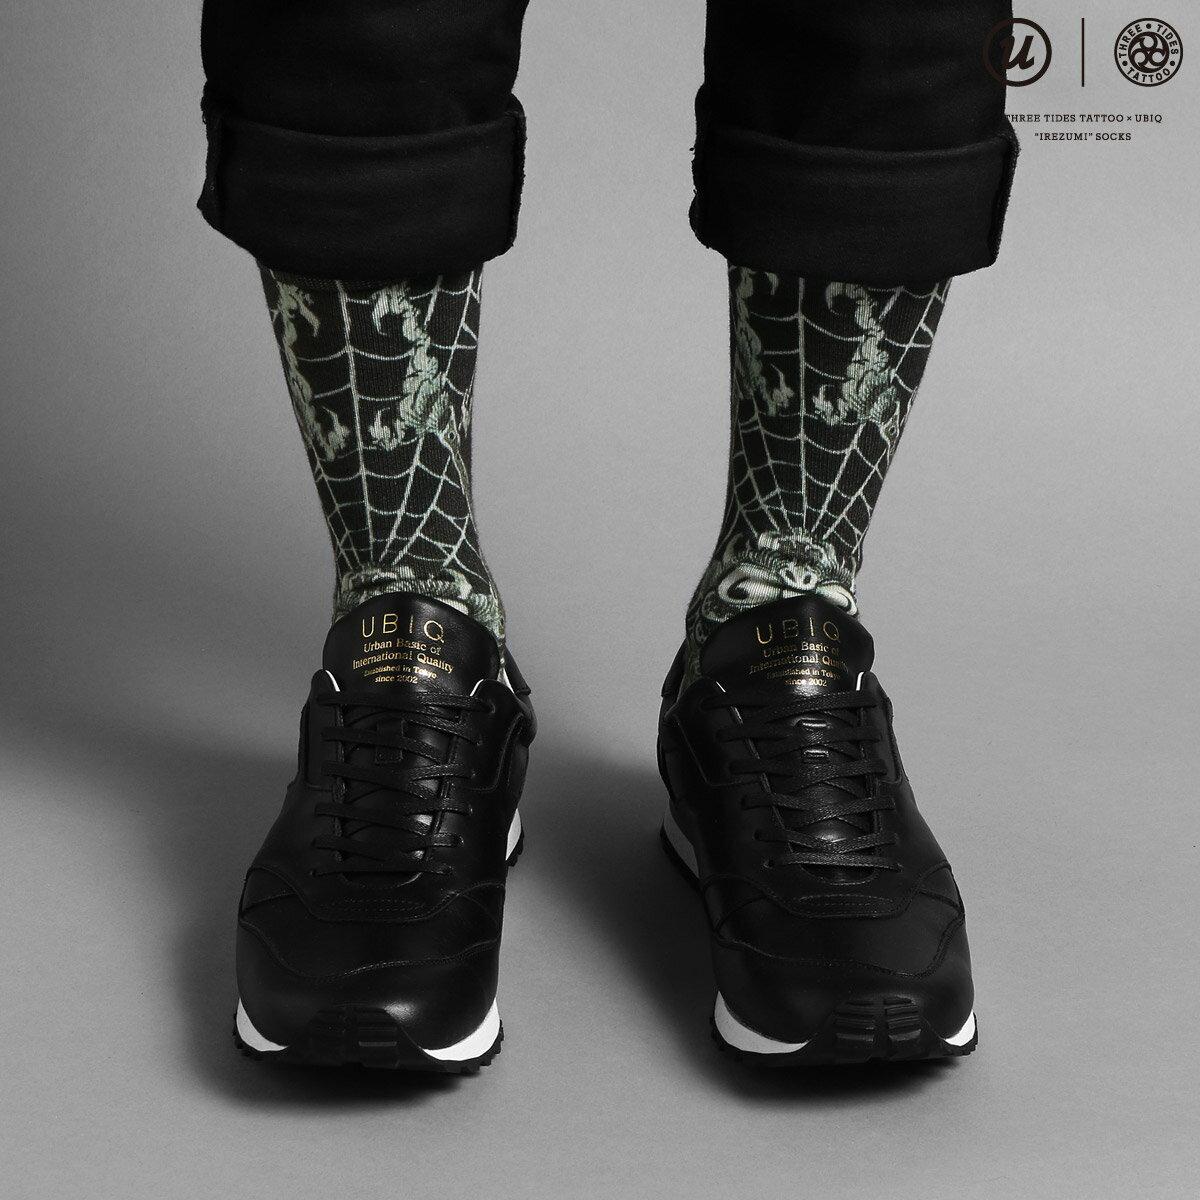 靴下・レッグウェア, 靴下 UBIQ THREE TIDES TATTOO UBIQ IREZUMI SOCKS (Dokugumo) Designed by Ganji ( () ) (BLACK) 17SS-I